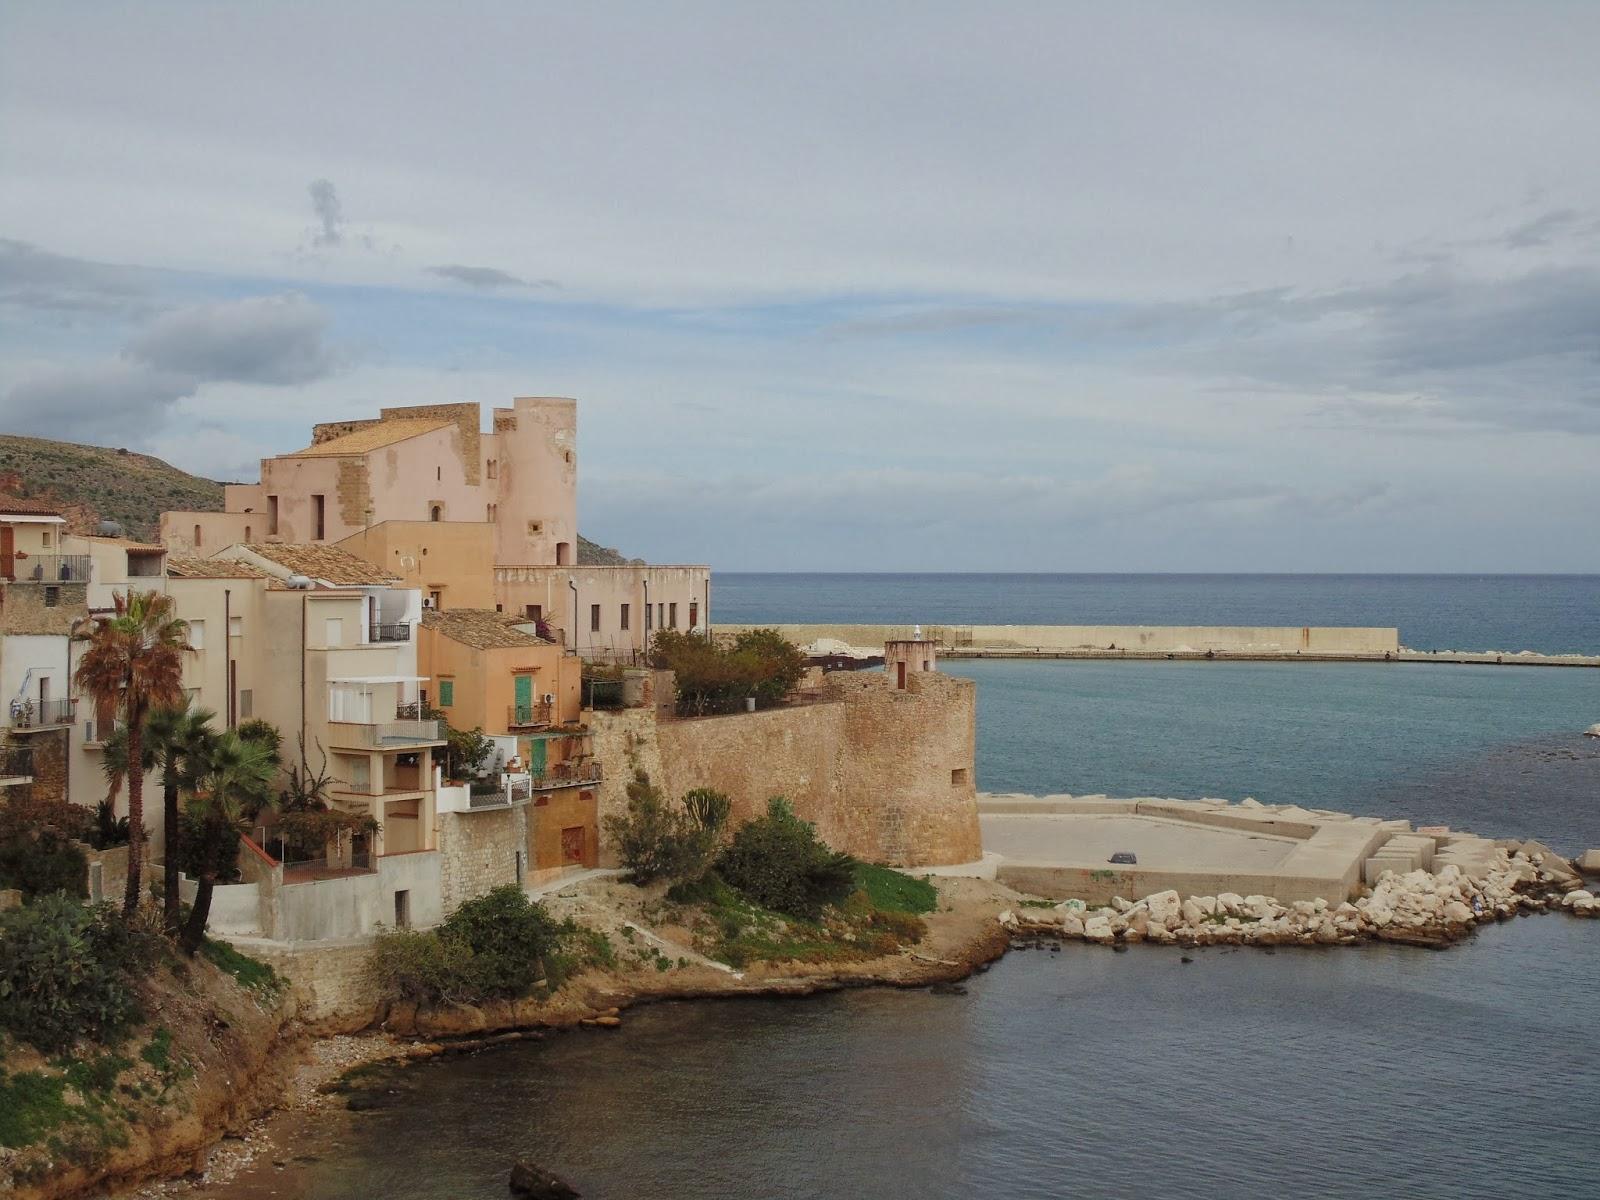 Castellammare del Golfo Italy  city photo : Trip to Castellammare del Golfo, Italy, Sicily | Life in Luxembourg